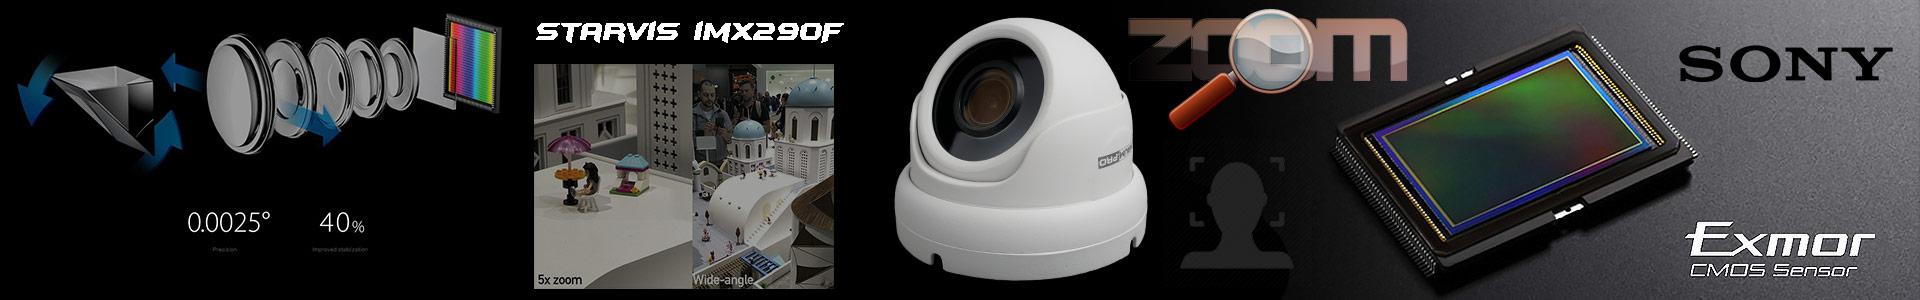 Высокочувствительная IP камера работает по технологии Starlight Starvis imx290